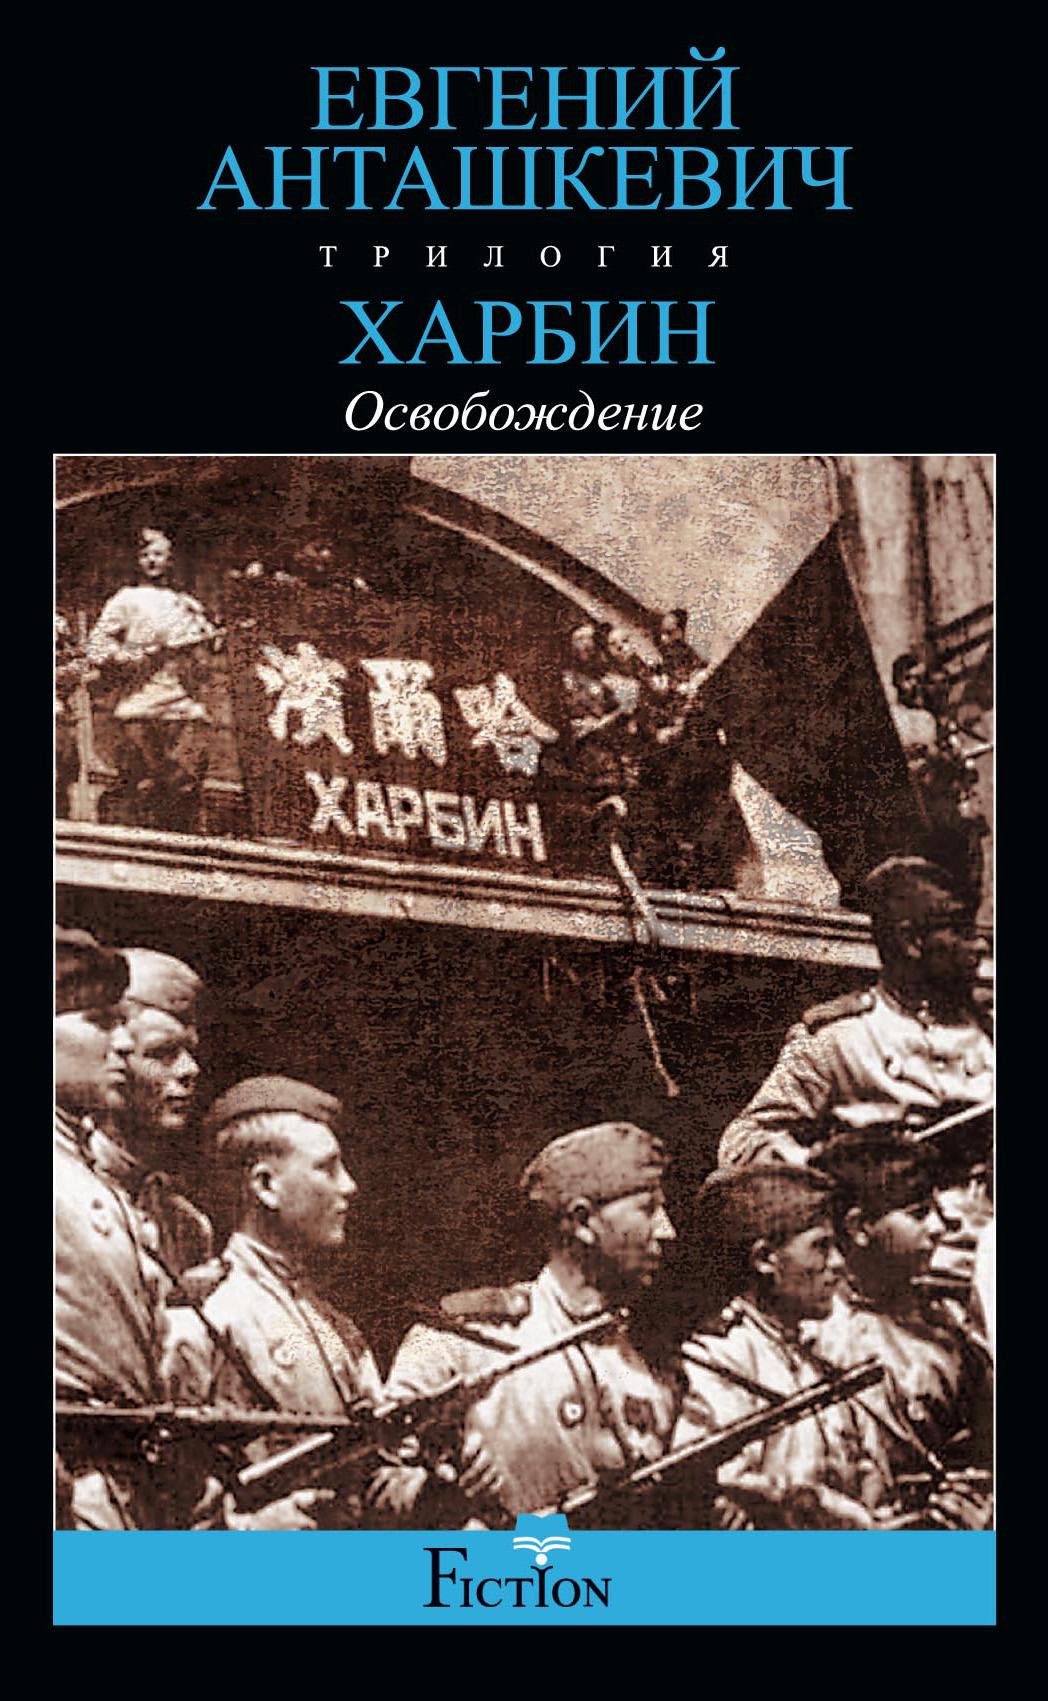 Евгений Анташкевич Харбин. Книга 3. Освобождение анташкевич е харбин освобождение роман